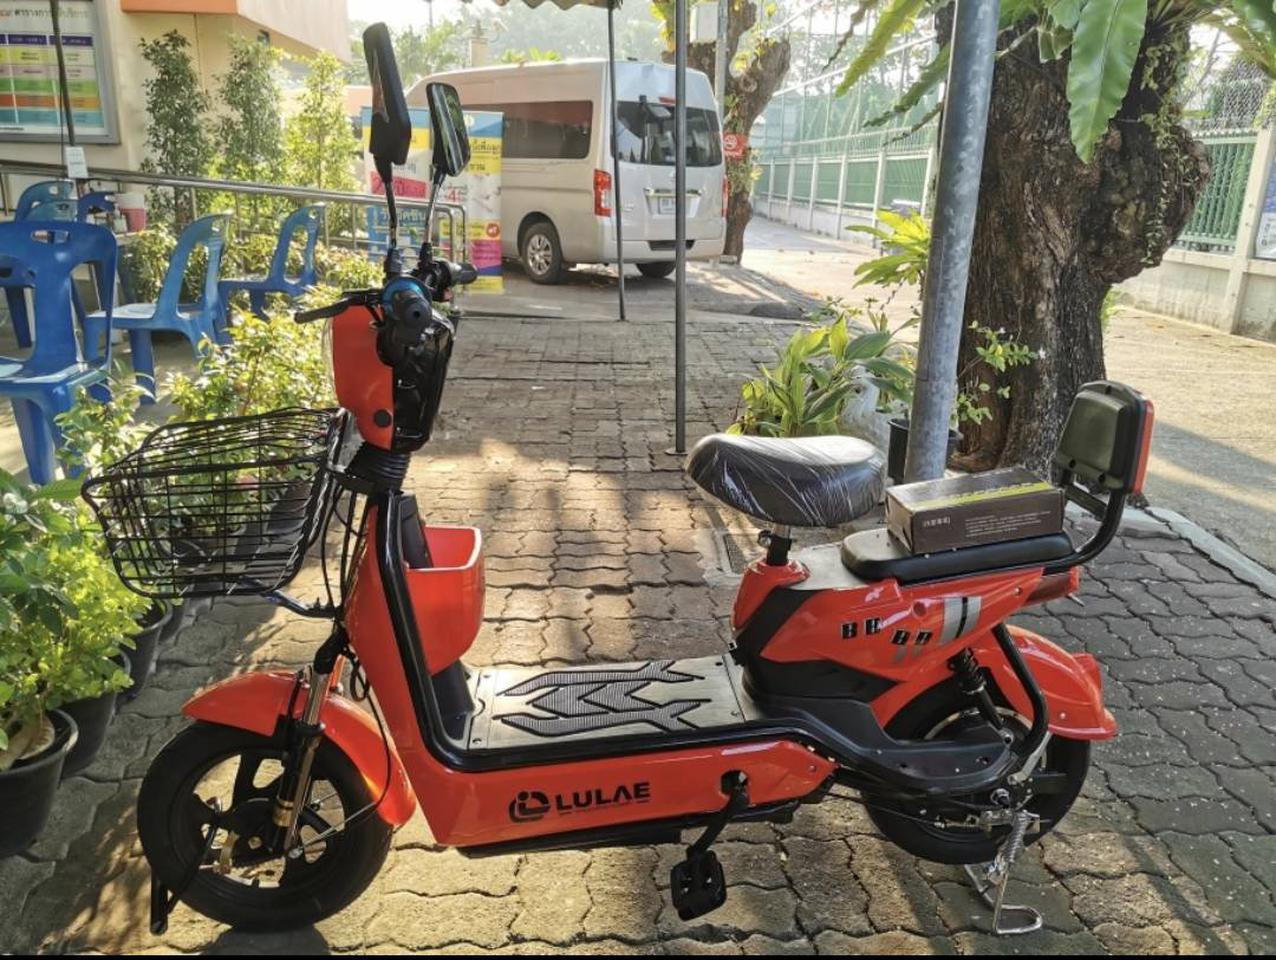 💥(จำนวนจำกัด) จักรยานไฟฟ้า สกูตเตอร์ไฟฟ้า มีที่ปั่น พร้อมไฟเลี้ยวกระจกมองหลัง มี 8 สี รูปที่ 1